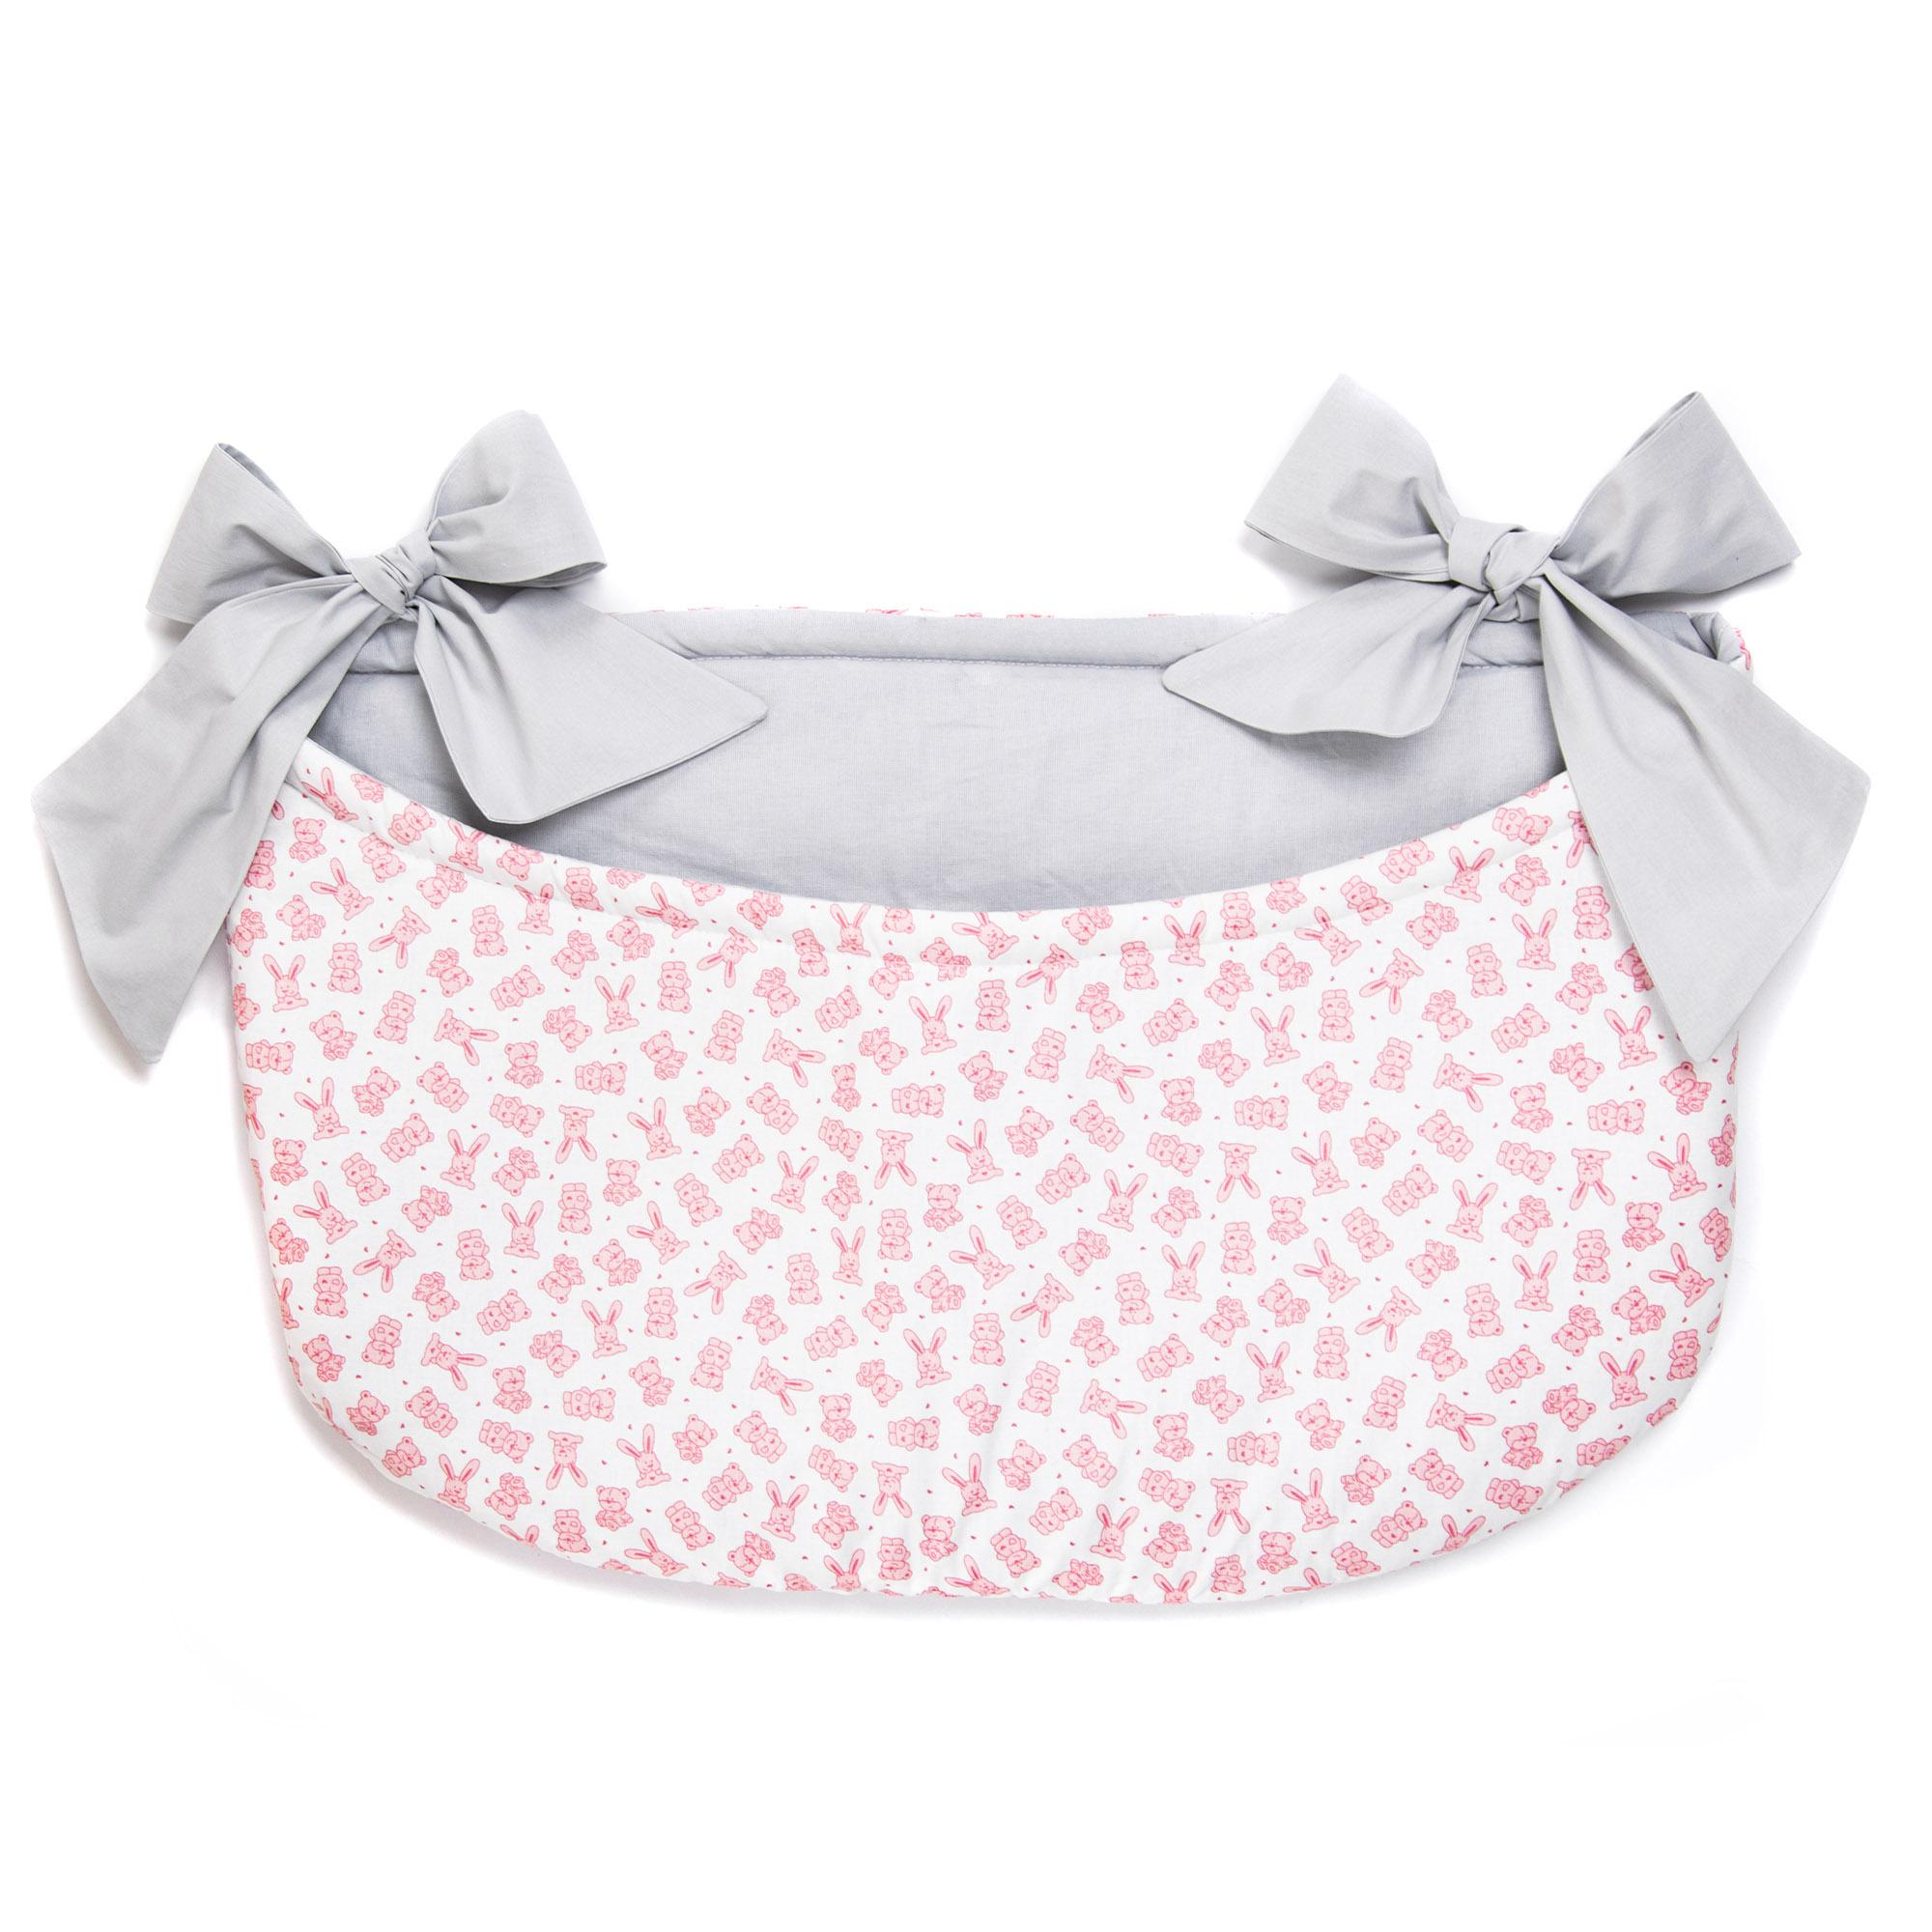 Betttasche Spielzeugtasche Design65